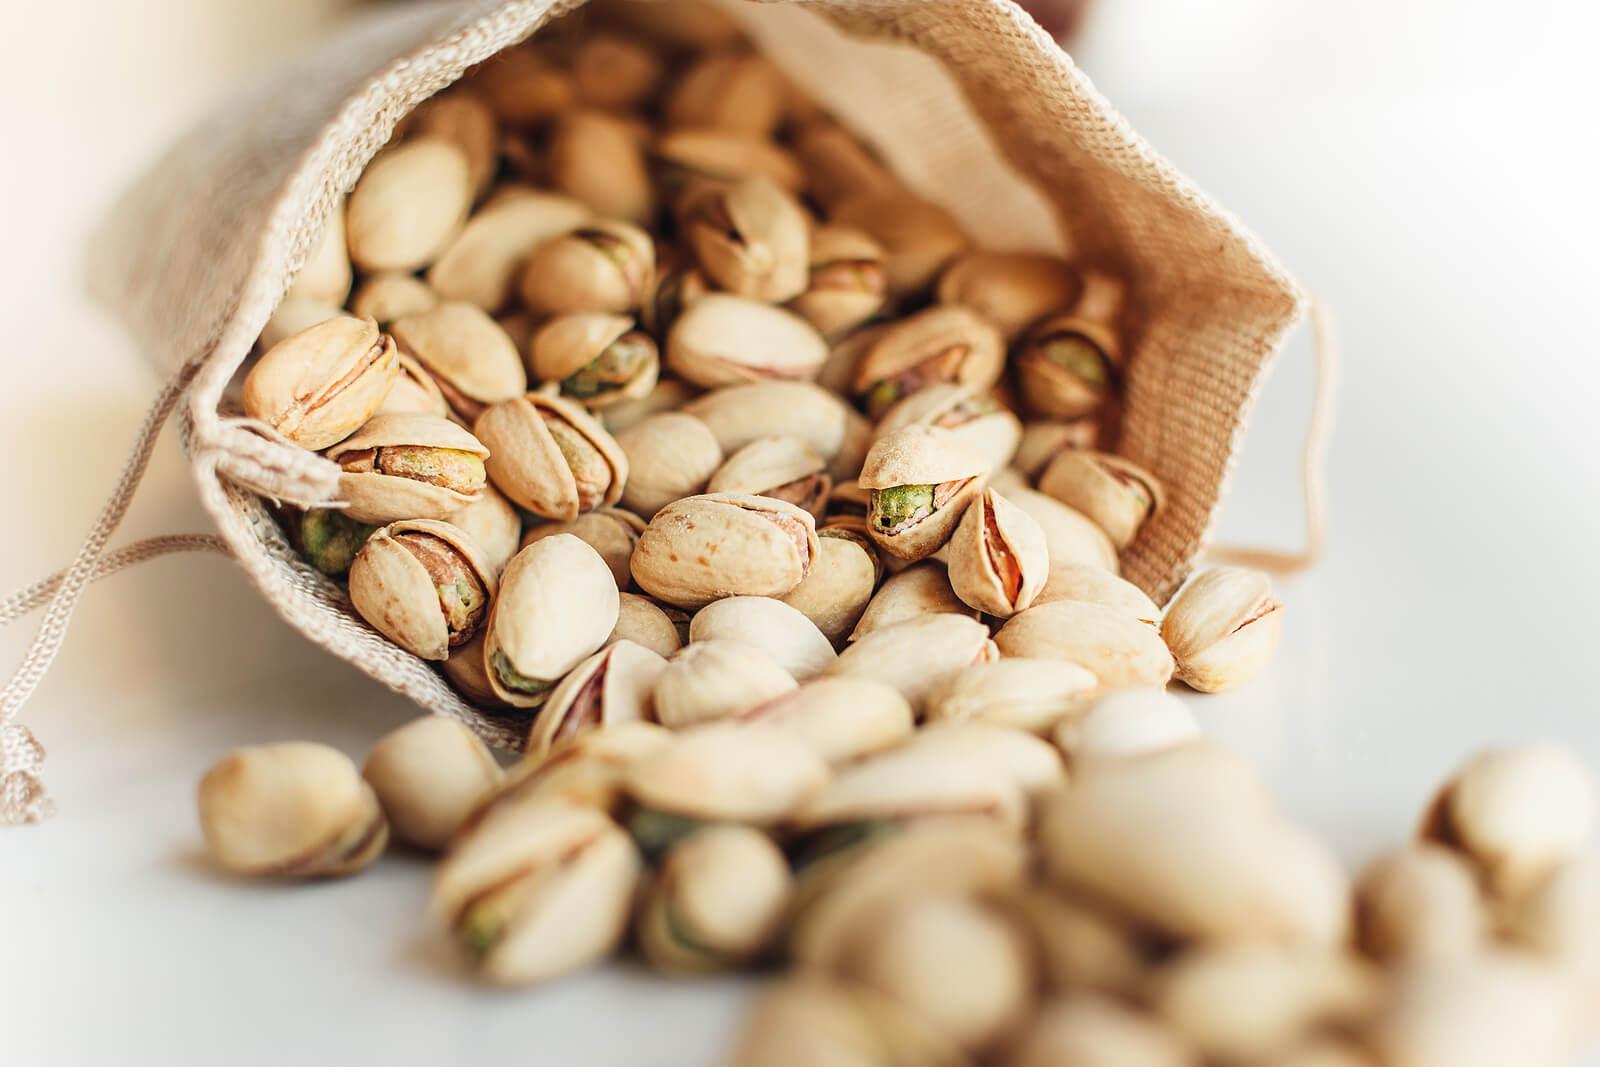 Entre los alimentos crudos buenos para la salud están los frutos secos